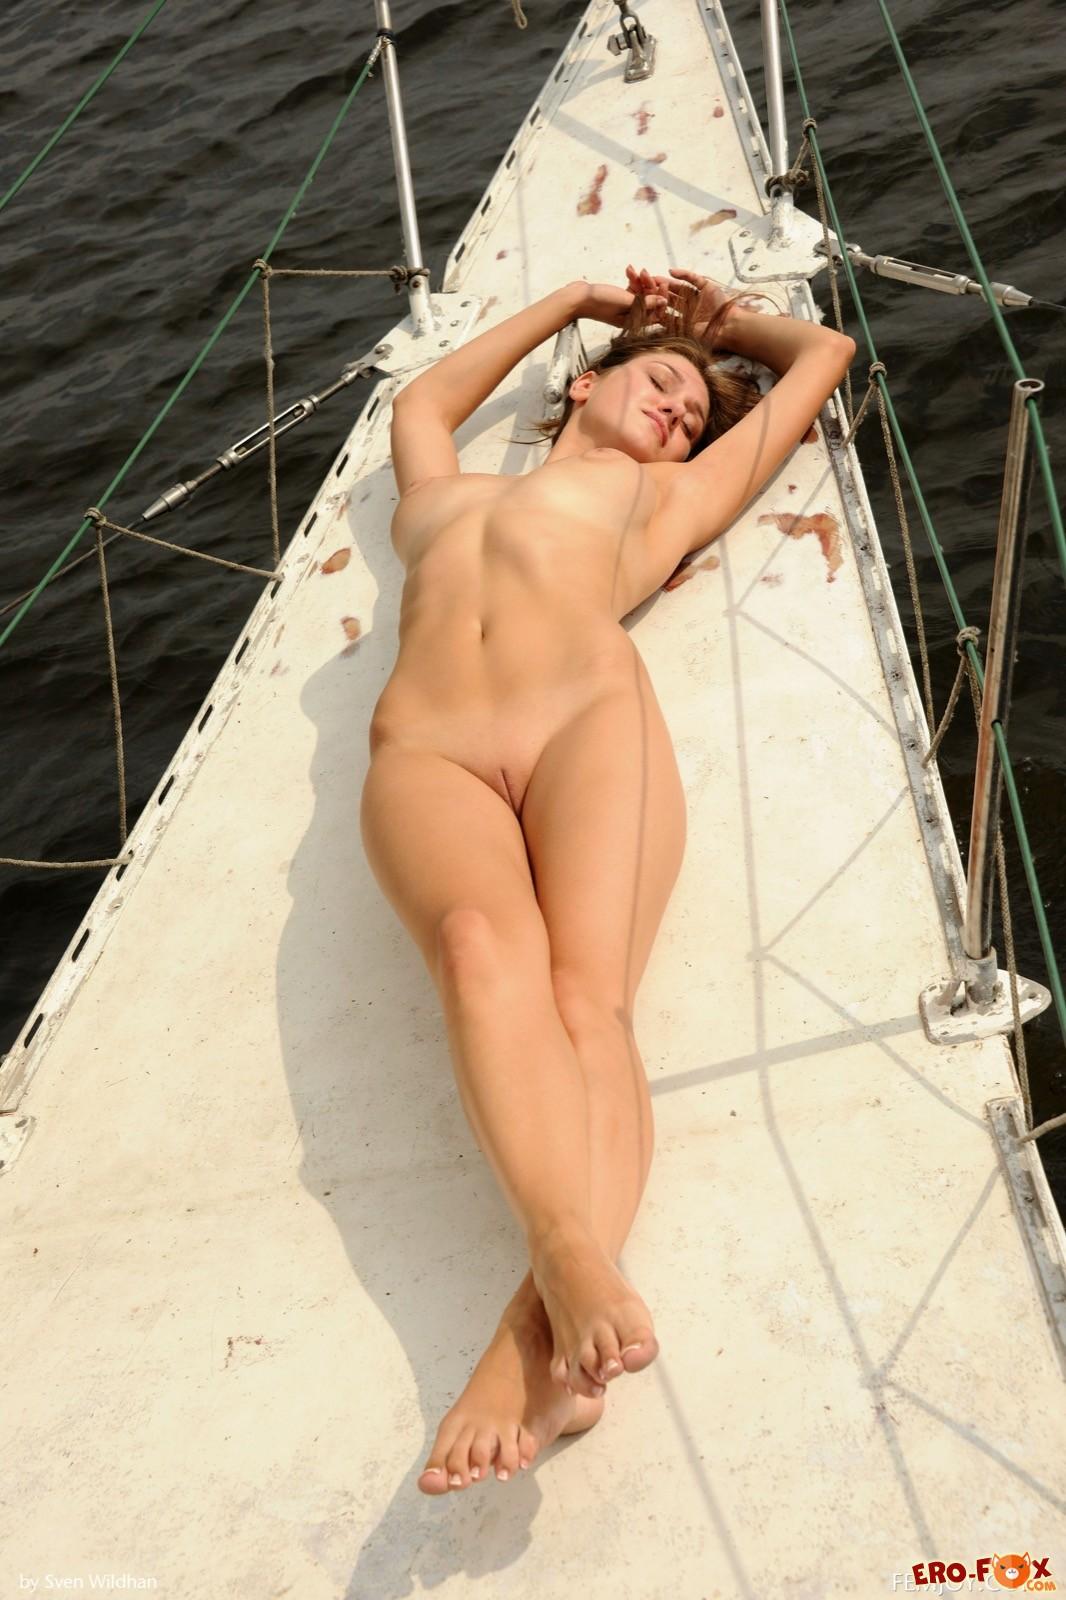 Красивая девушка оголилась и позирует на яхте